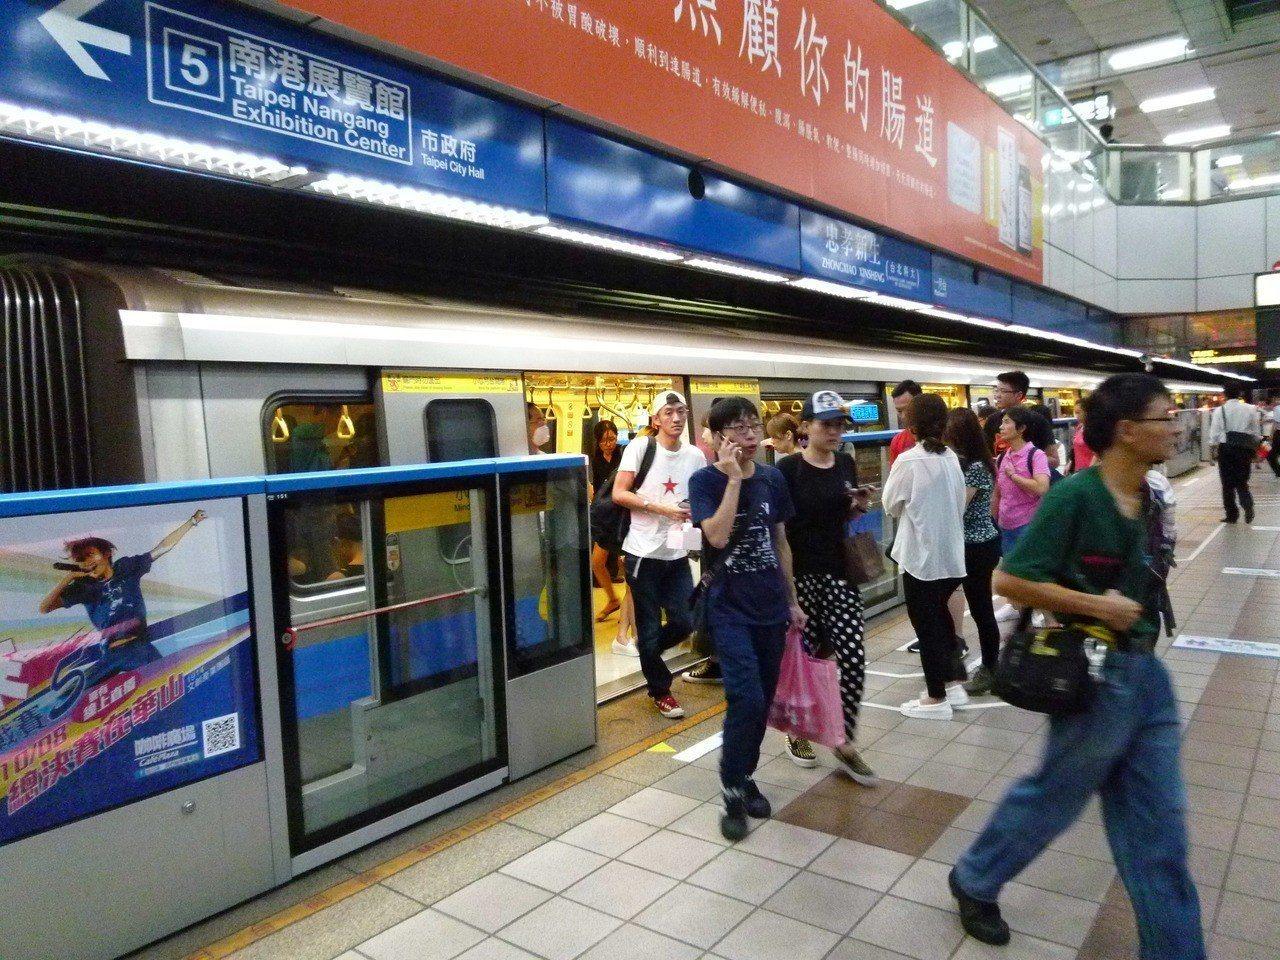 一名紐約作家來台後,大讚台北捷運是世界上最棒的捷運系統。圖片來源/聯合報系資料照